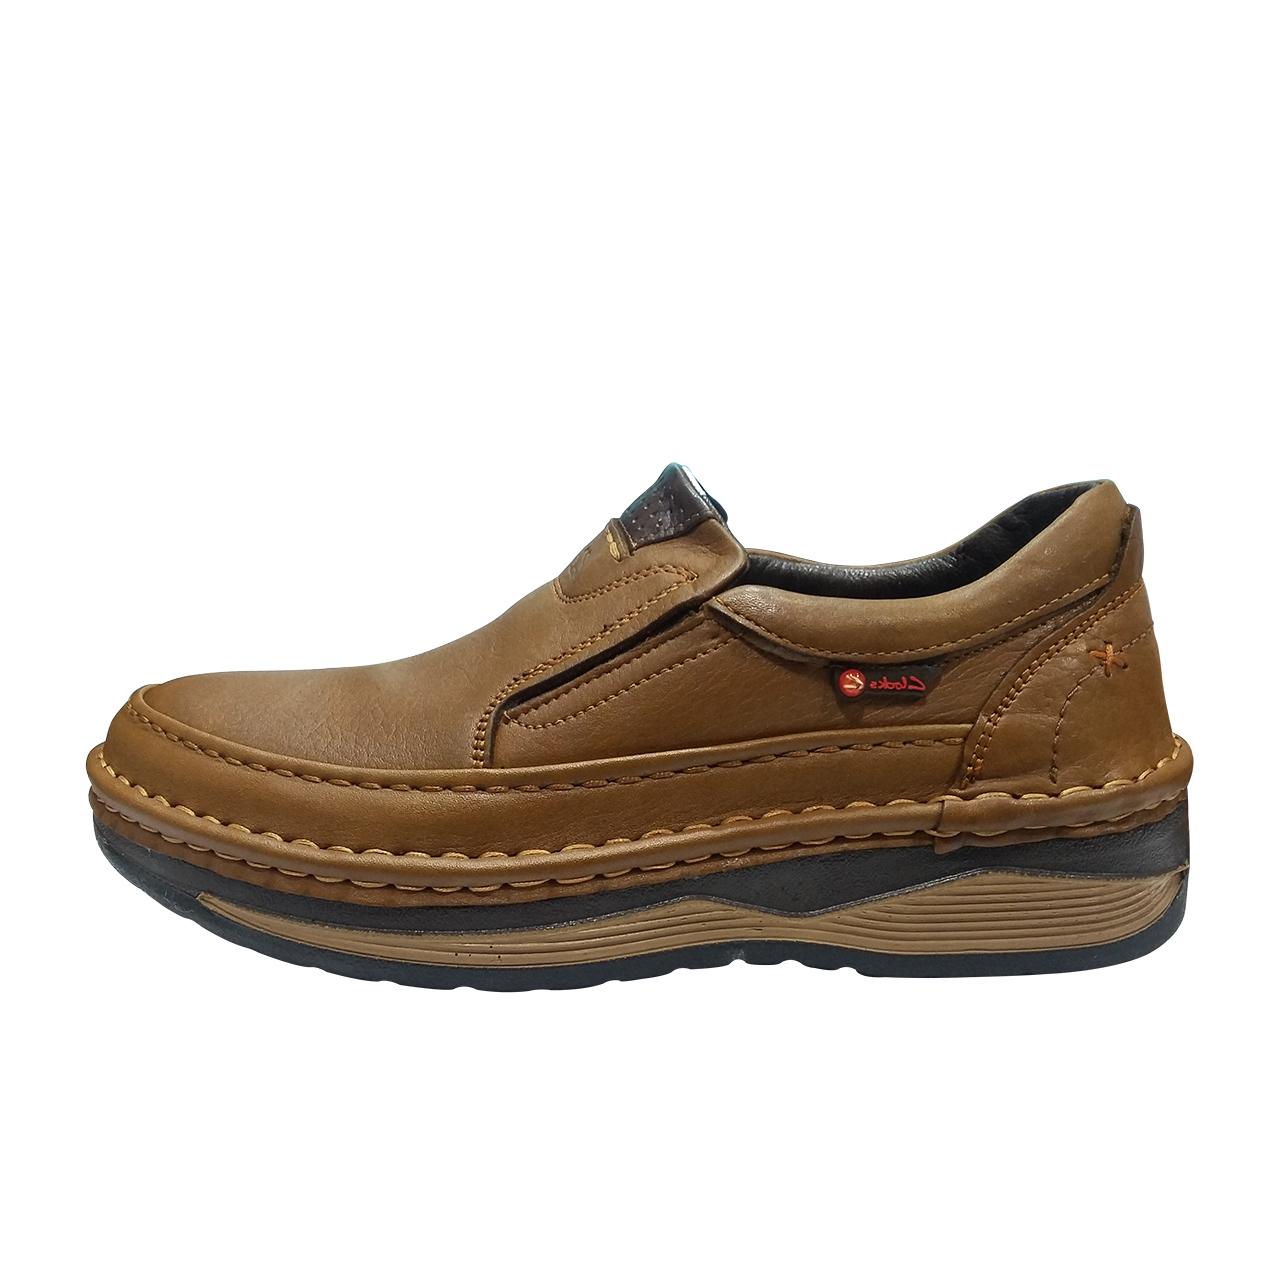 کفش طبی مردانه  کلارک مدل اکتیو کد 01